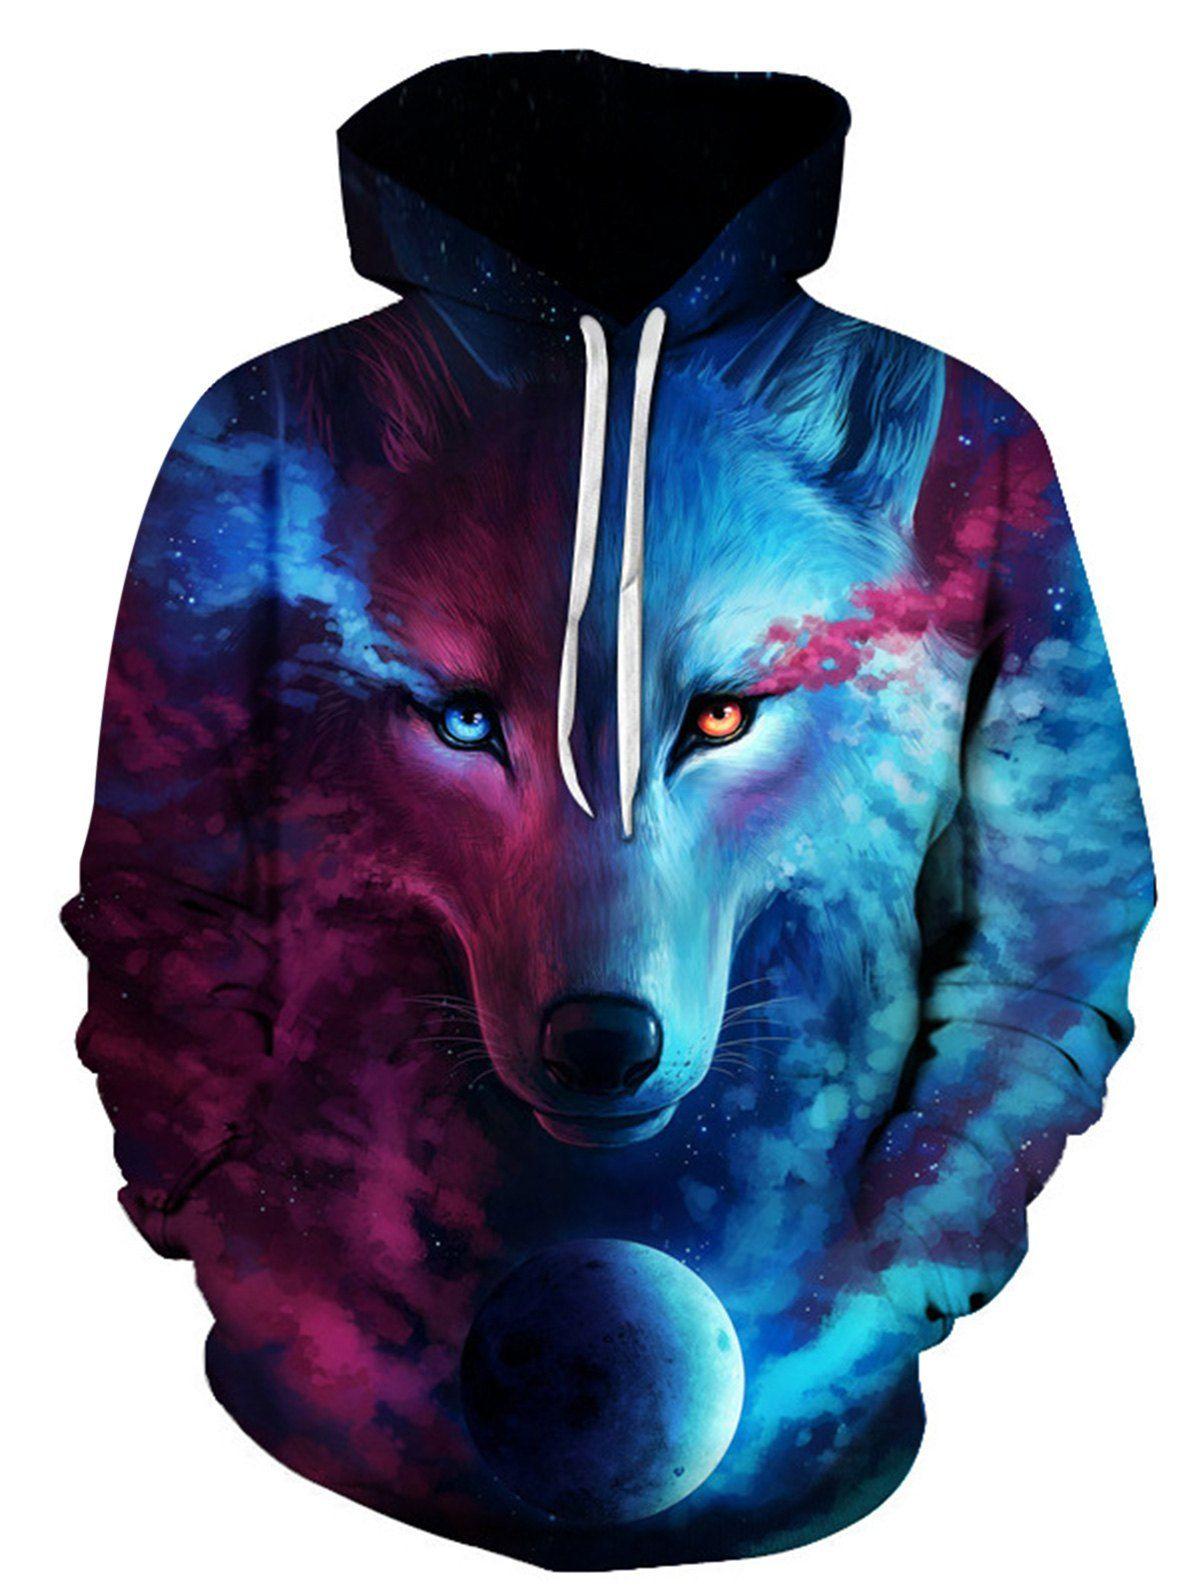 Mens Hoodies - Cool, Pullover & Zip Up Hoodies For Men. Wolf HoodieGalaxy  SweatshirtWolvesPrinted HoodiesMens SweatshirtsWolf 3dPlus SizePulloverUnisex  ...